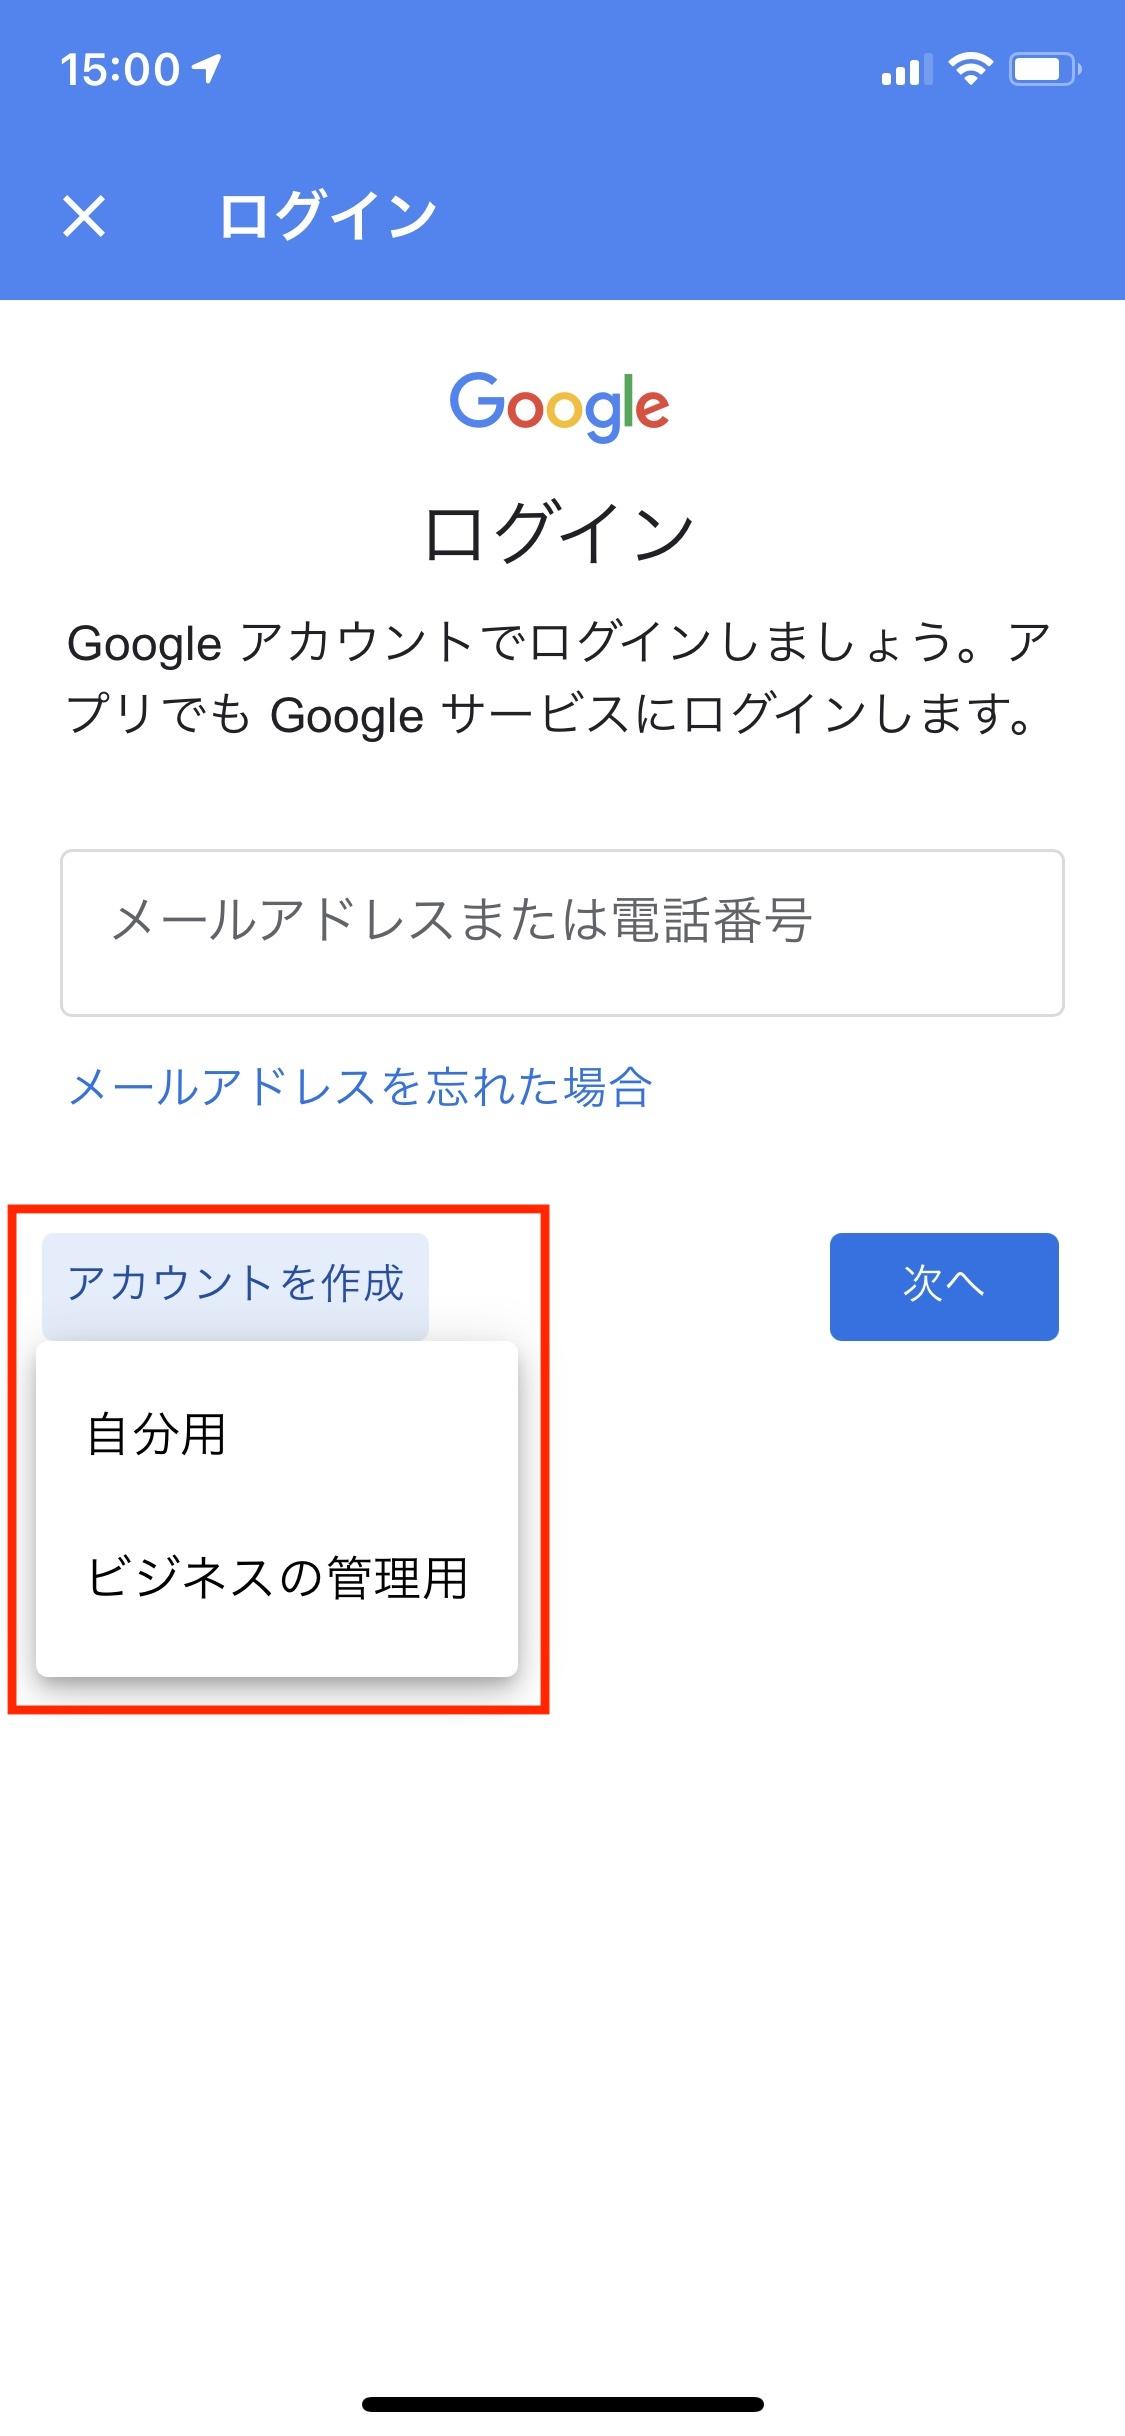 Google Chromeで『アカウントを作成』をタップした後の画面